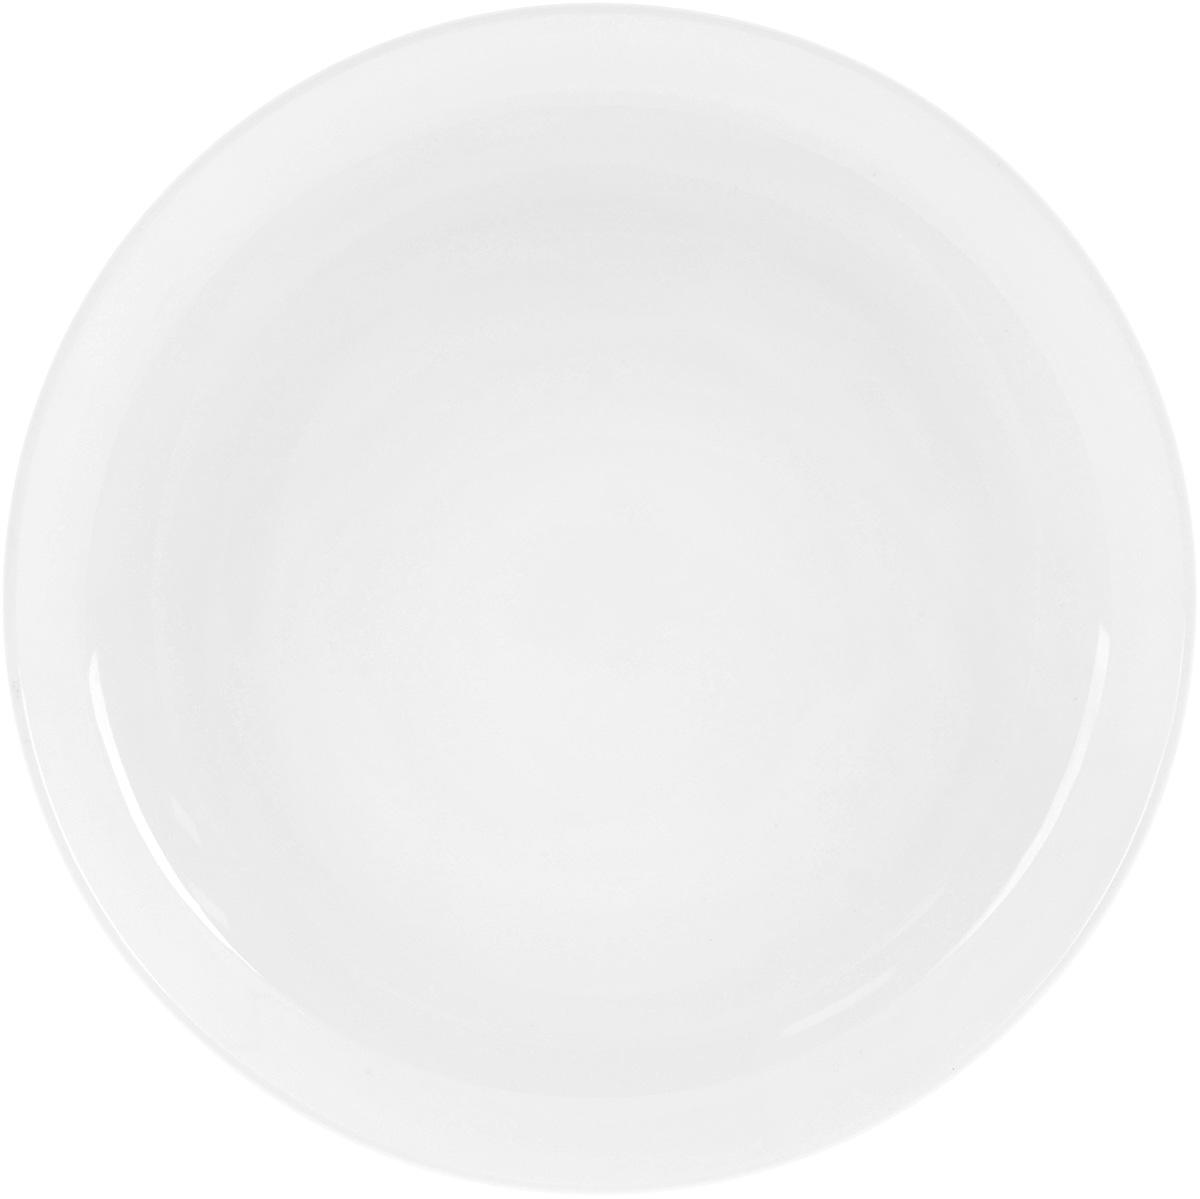 Тарелка Wilmax, диаметр 15 см54 009312Тарелка Wilmax выполнена из высококачественного фарфора с глазурованным покрытием. Благодаря уникальной технологии, изделие устойчиво к сколам и обладает исключительной белизной. Такая посуда идеально подойдет для сервировки стола и станет отличным подарком к любому празднику.